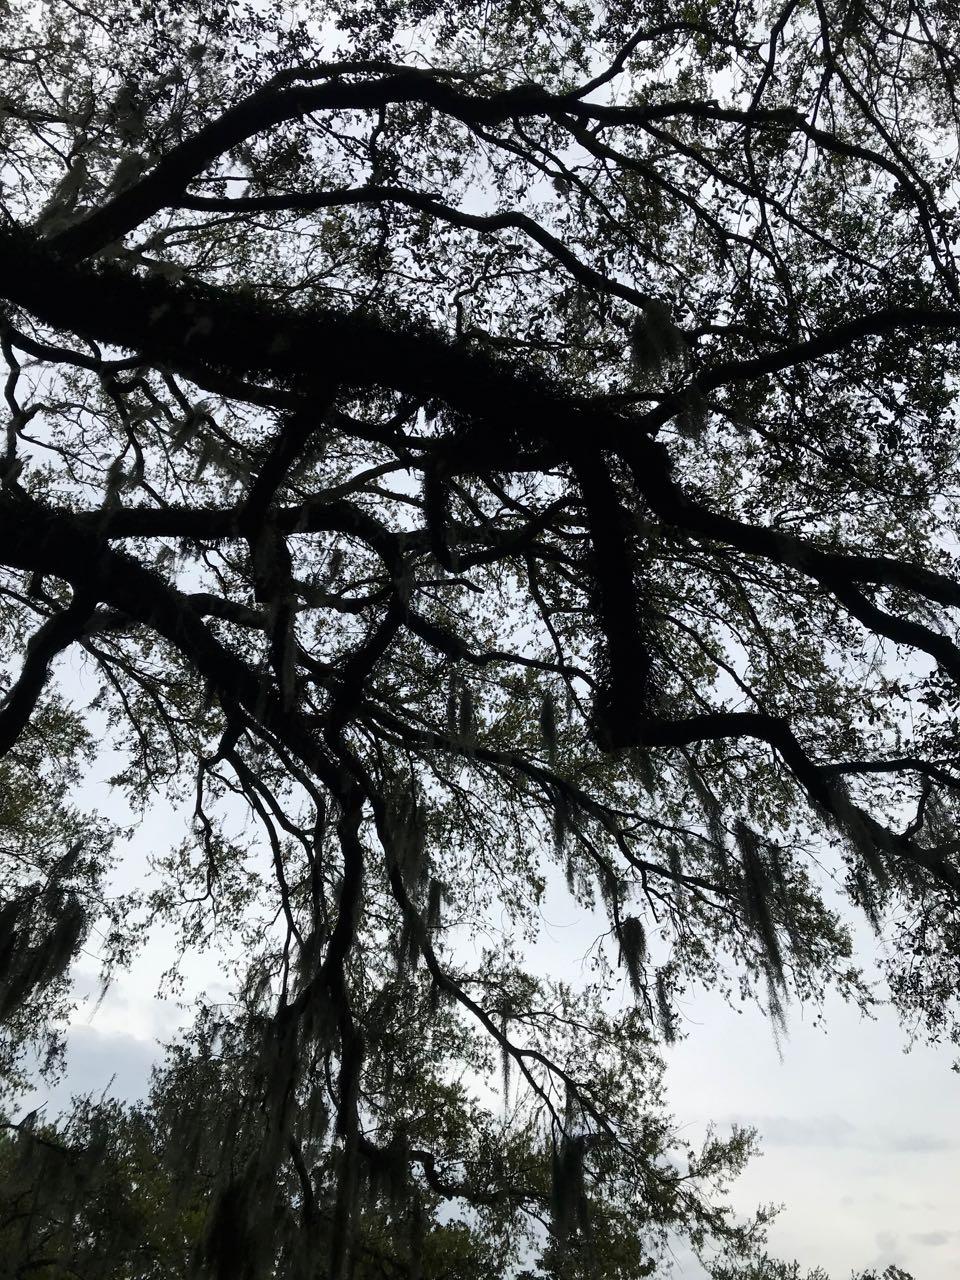 Oak Tree Forsyth Park Savannah.jpg